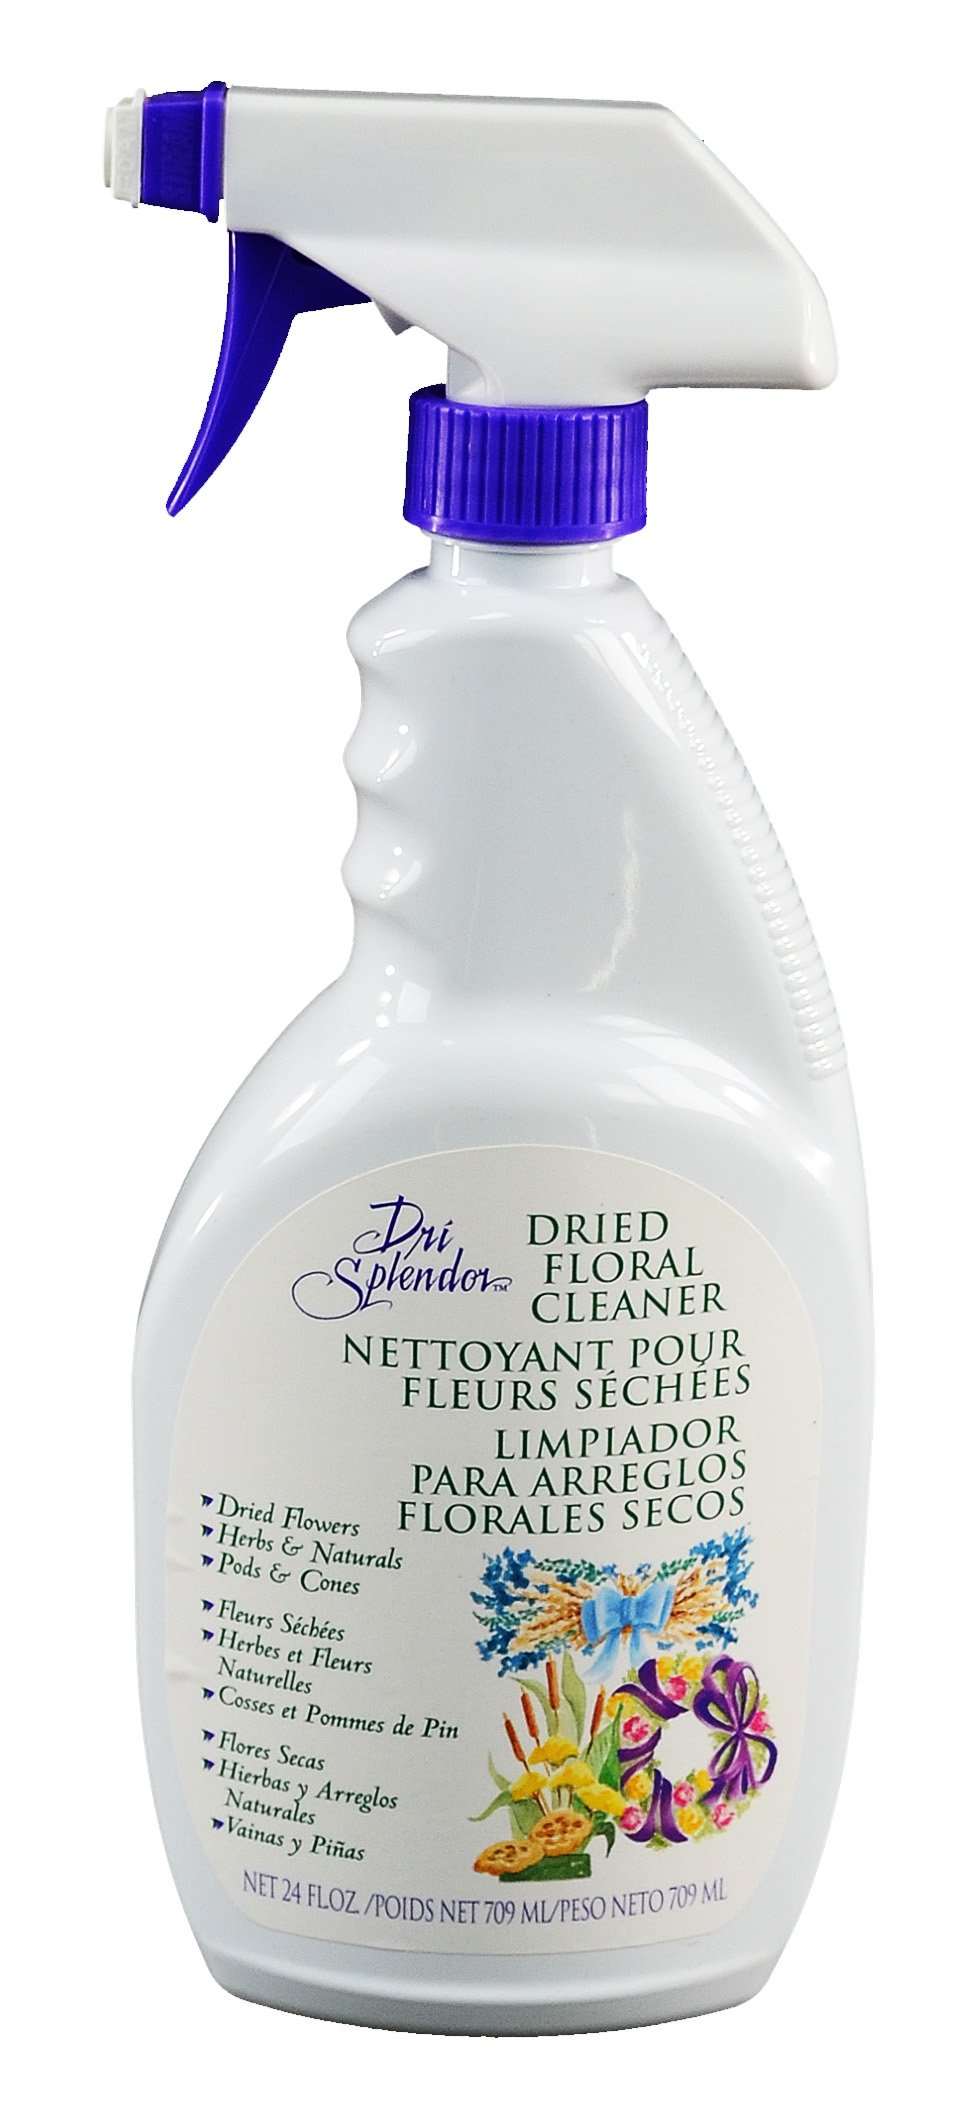 Amazon Dri Splendor Dried Floral Spray Cleaner 24 Ounce